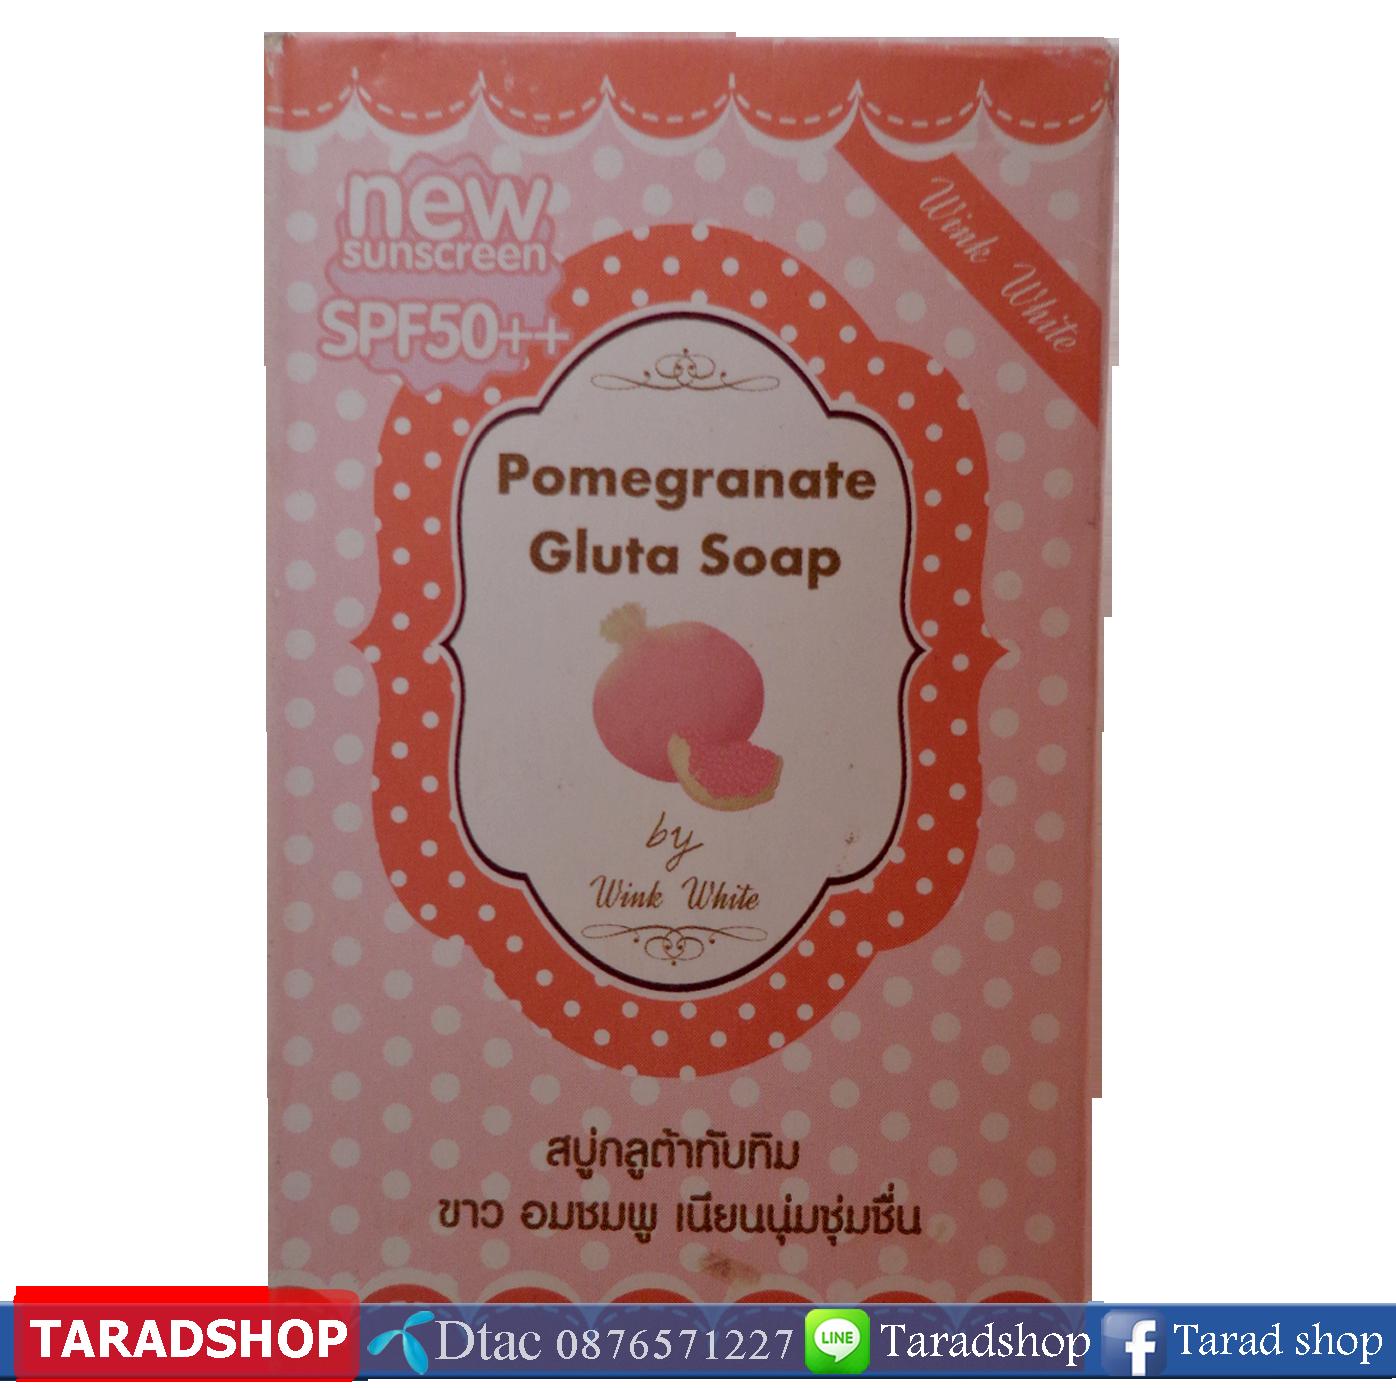 สบู่ทับทิม ขาวอมชมพู pomegranate gluta soap